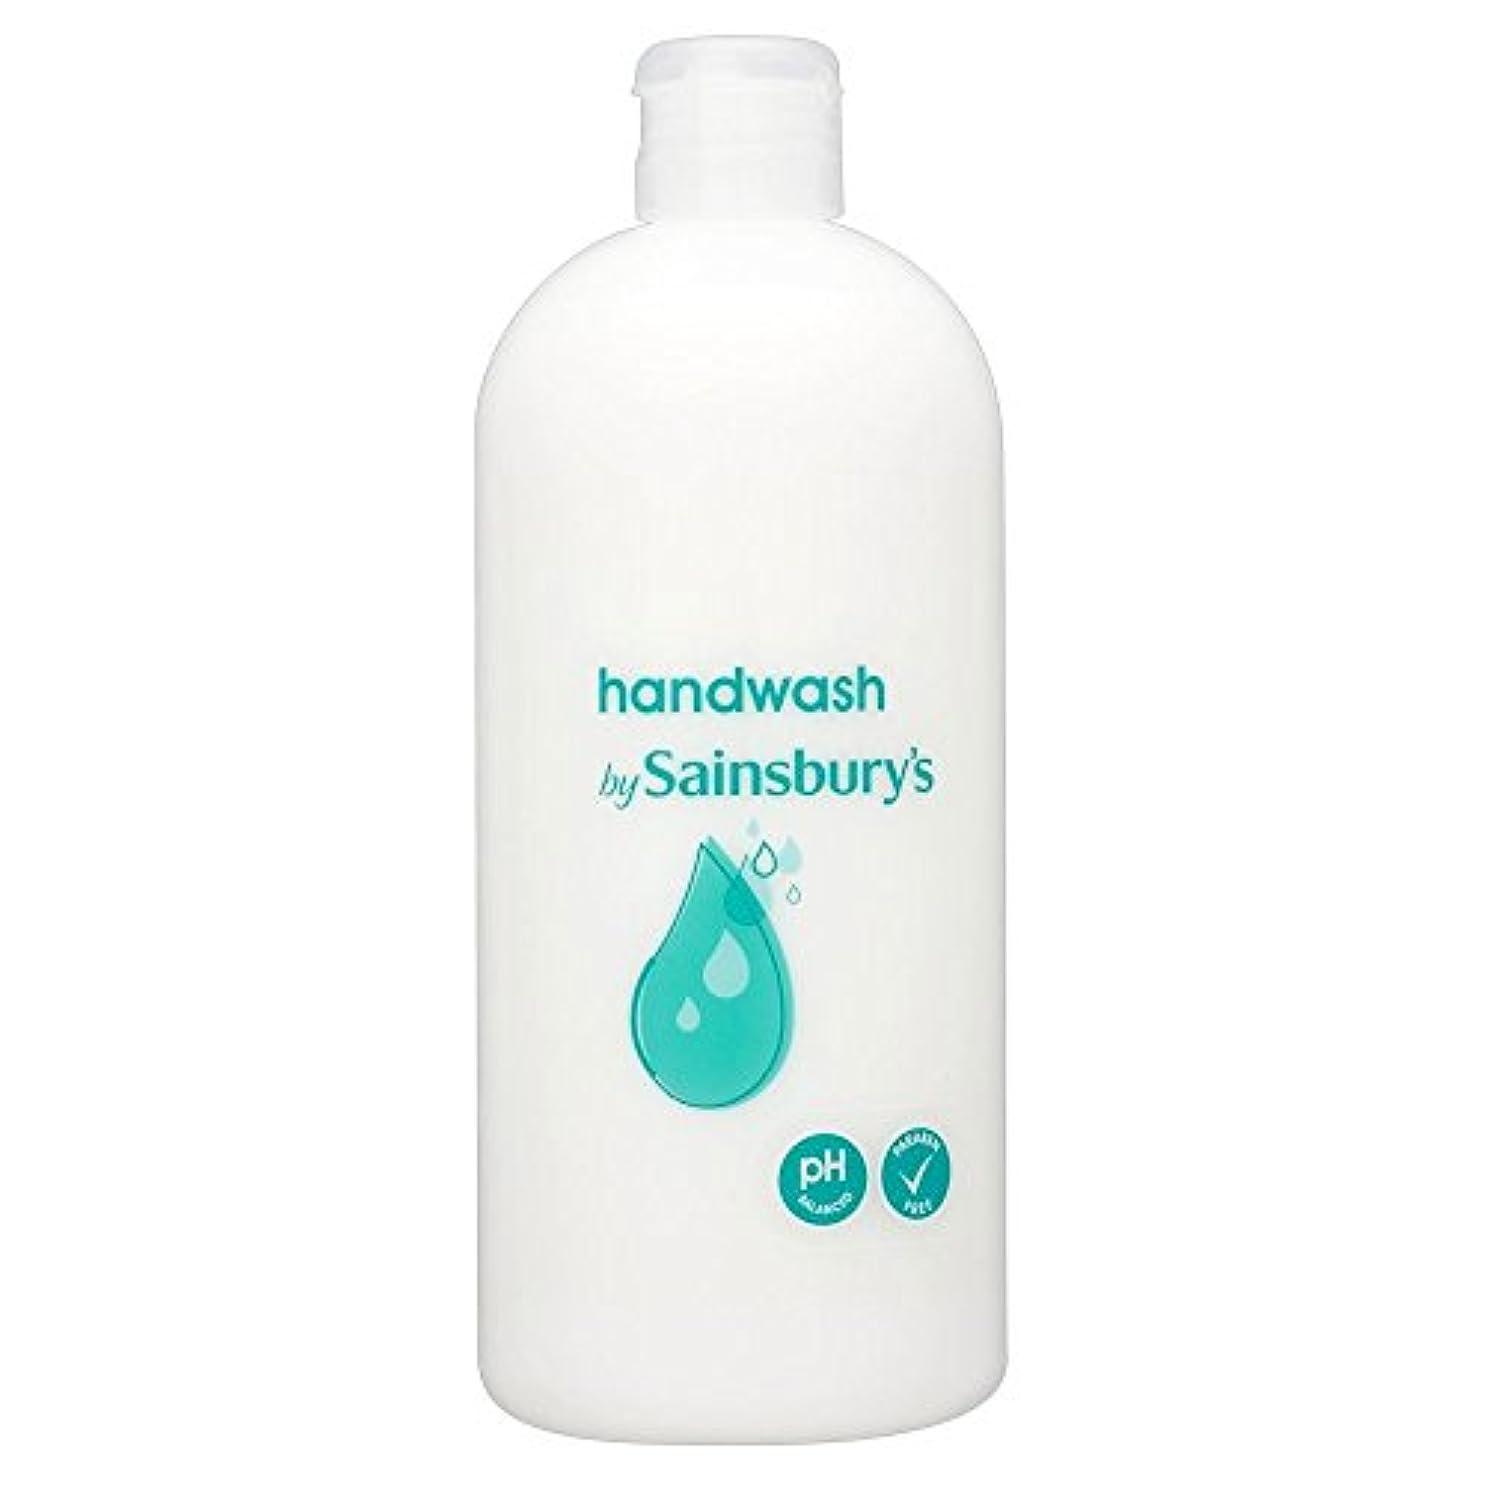 多年生版エキサイティングSainsbury's Handwash, White Refill 500ml (Pack of 4) - (Sainsbury's) 手洗い、白リフィル500ミリリットル (x4) [並行輸入品]